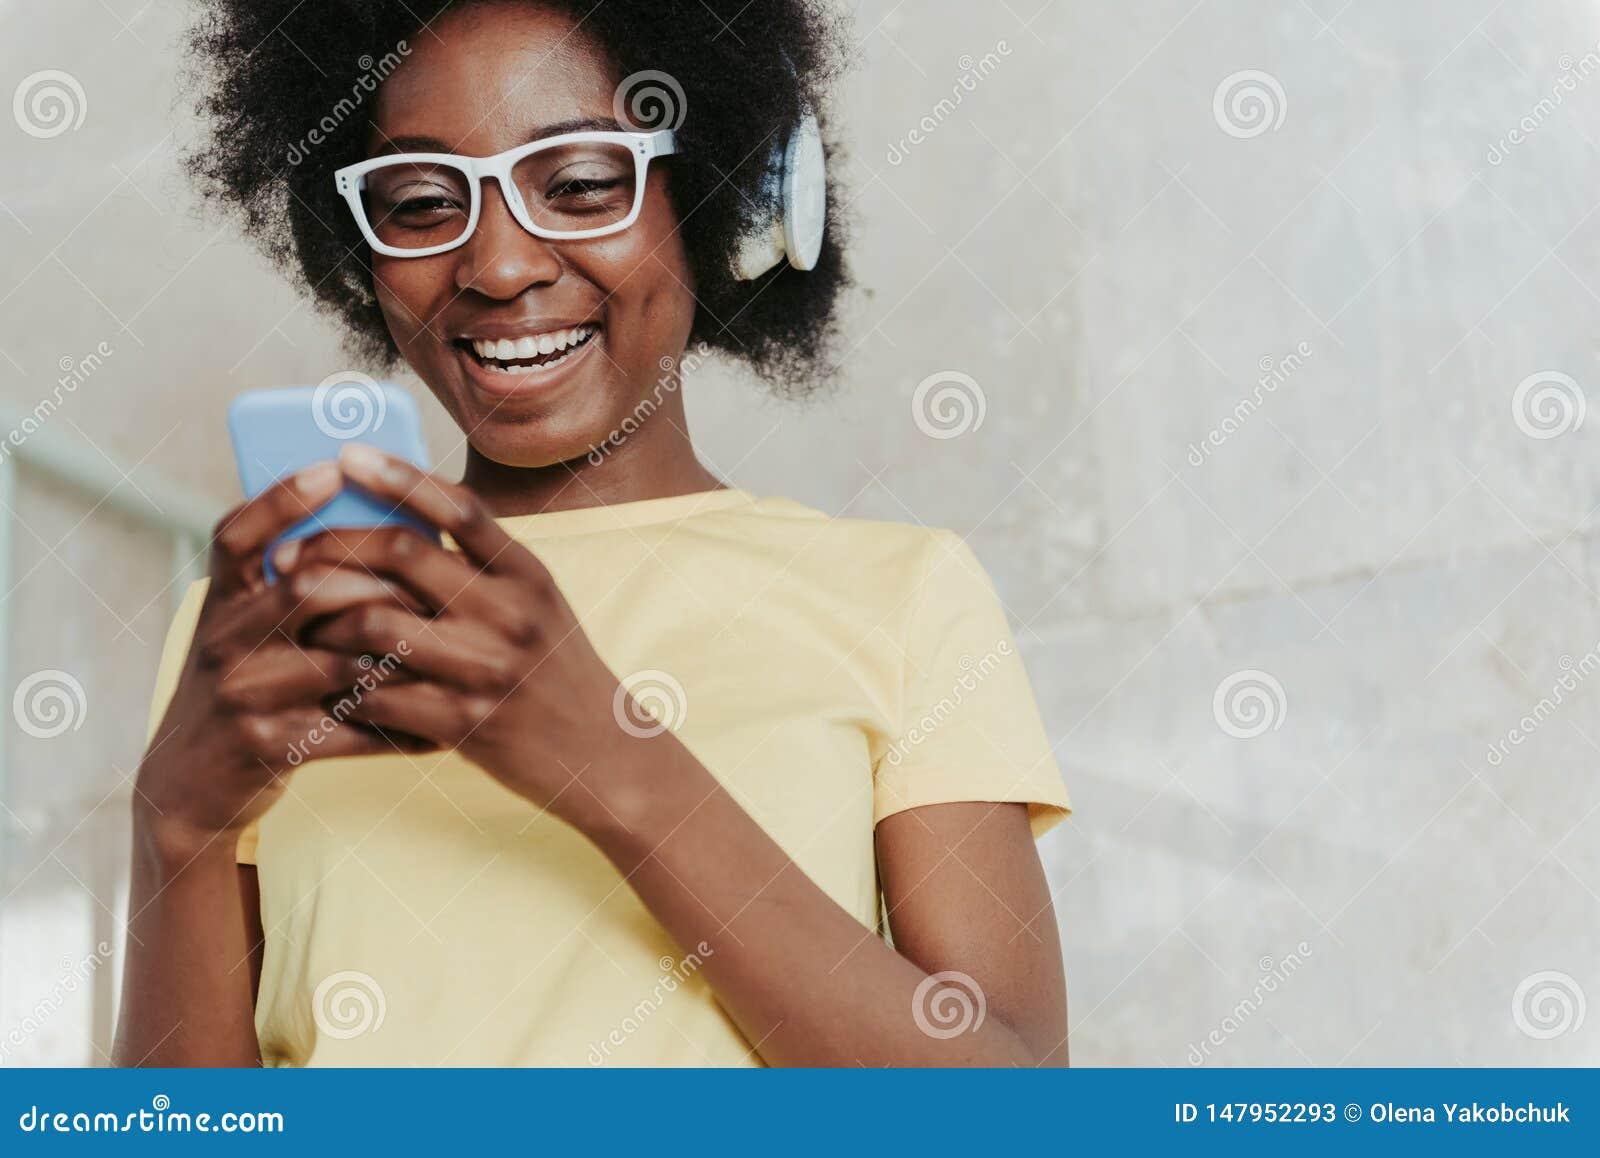 Stäng sig upp av afrikanskt bära för dam som är tillfälligt, och att hålla mobiltelefonen i armar